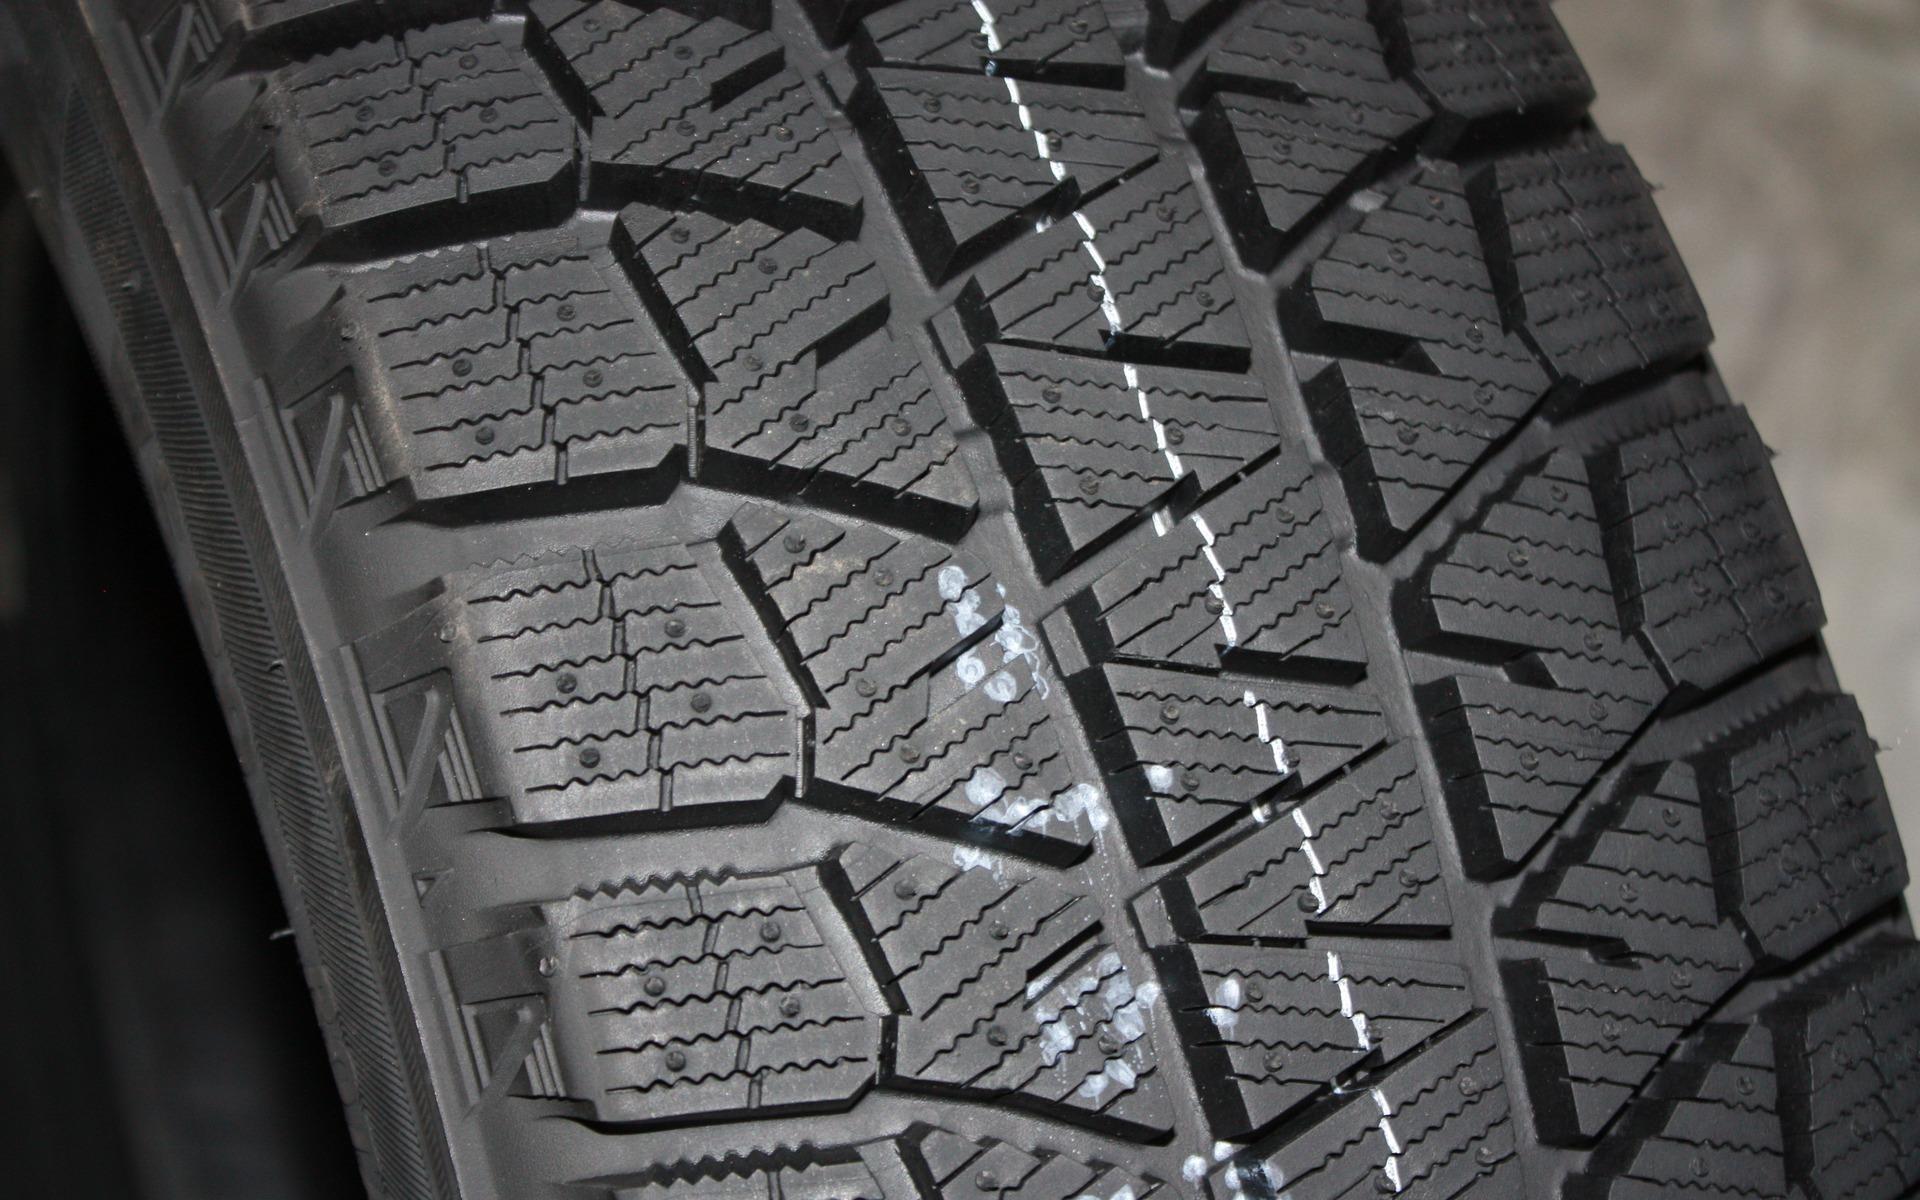 le top 10 des meilleurs pneus d 39 hiver selon le guide de l 39 auto 3 12. Black Bedroom Furniture Sets. Home Design Ideas